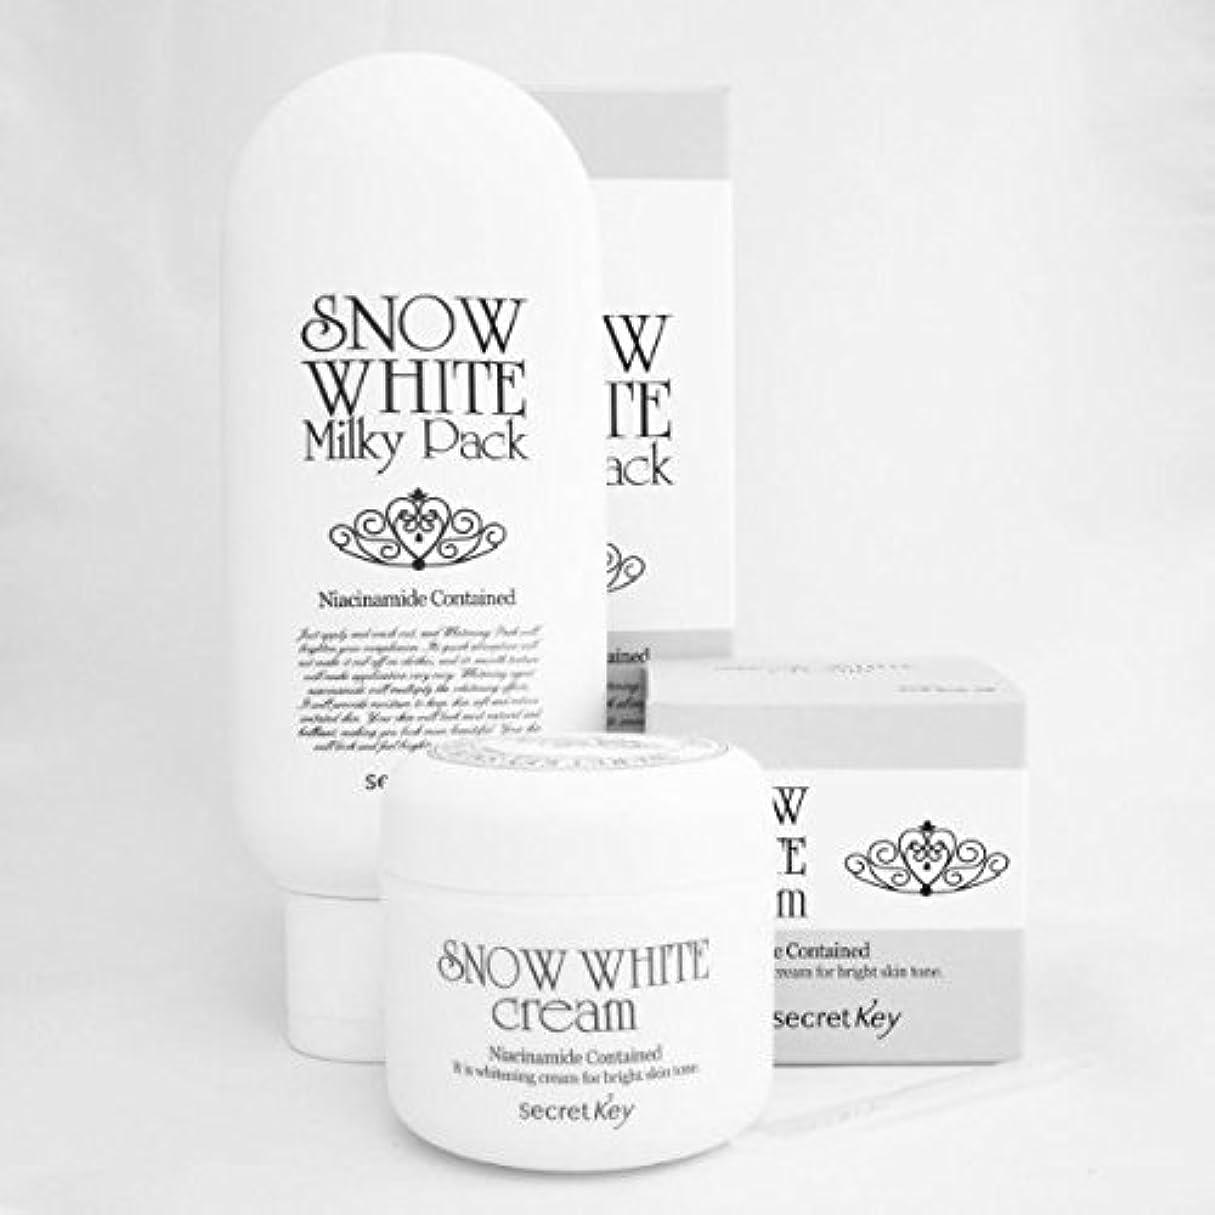 彼女タンク原始的なSecret key シークレッドキー スノー?ホワイト?ミルキー?パック 200g (Snow White Milky Pack)/シークレットキー スノーホワイト クリーム(Snow White Cream 50g)...